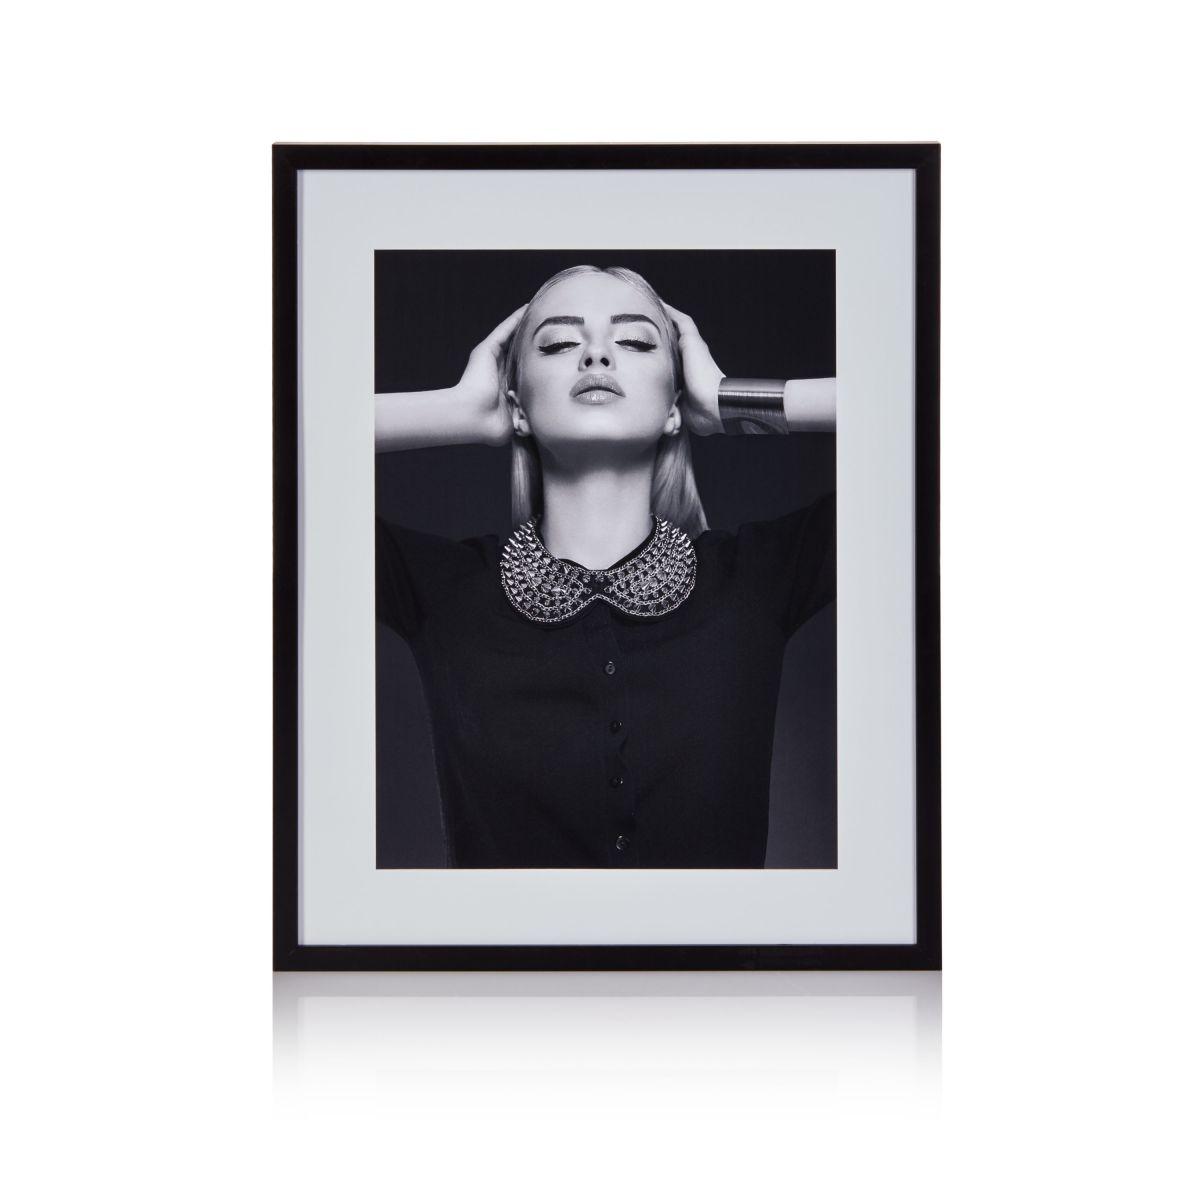 Wandbild 40x50 cm, Foto, schwarz-weiß